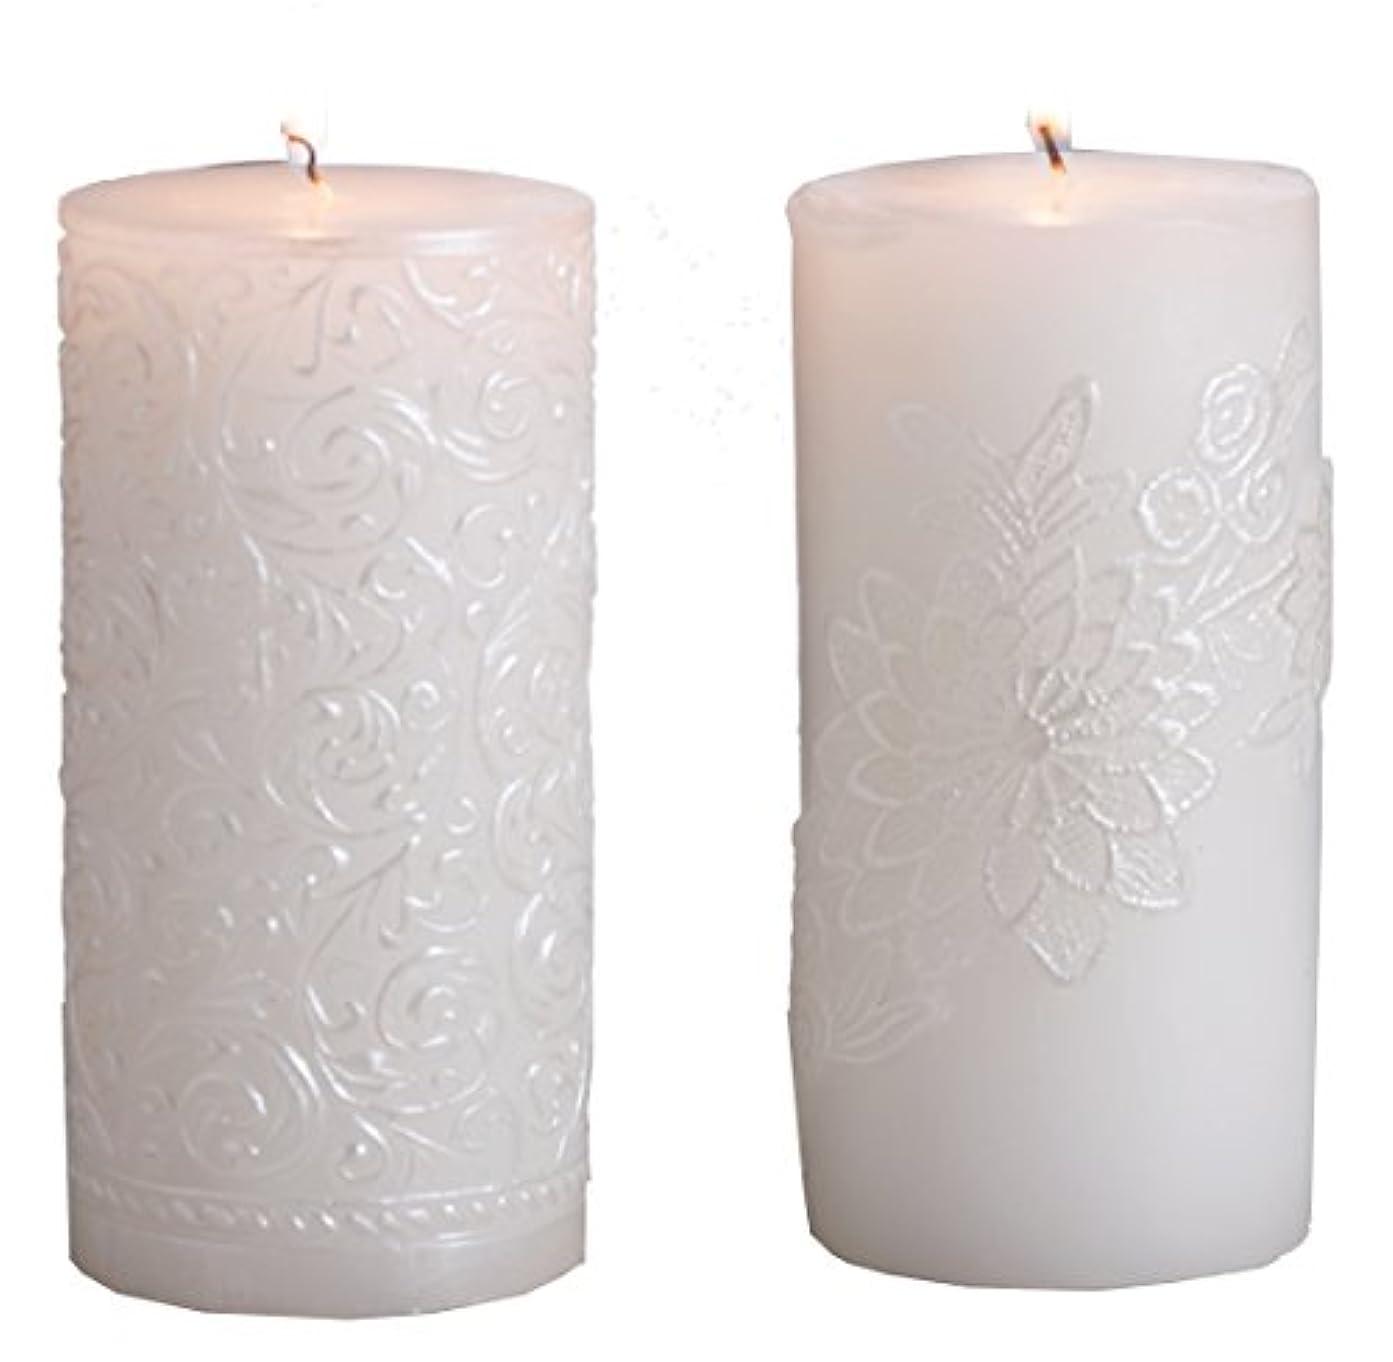 誘惑ラメ(Gold Brushed) - Biedermann & Sons White Pearl Pillar Candle, 7.6cm by 23cm, Gold Brushed